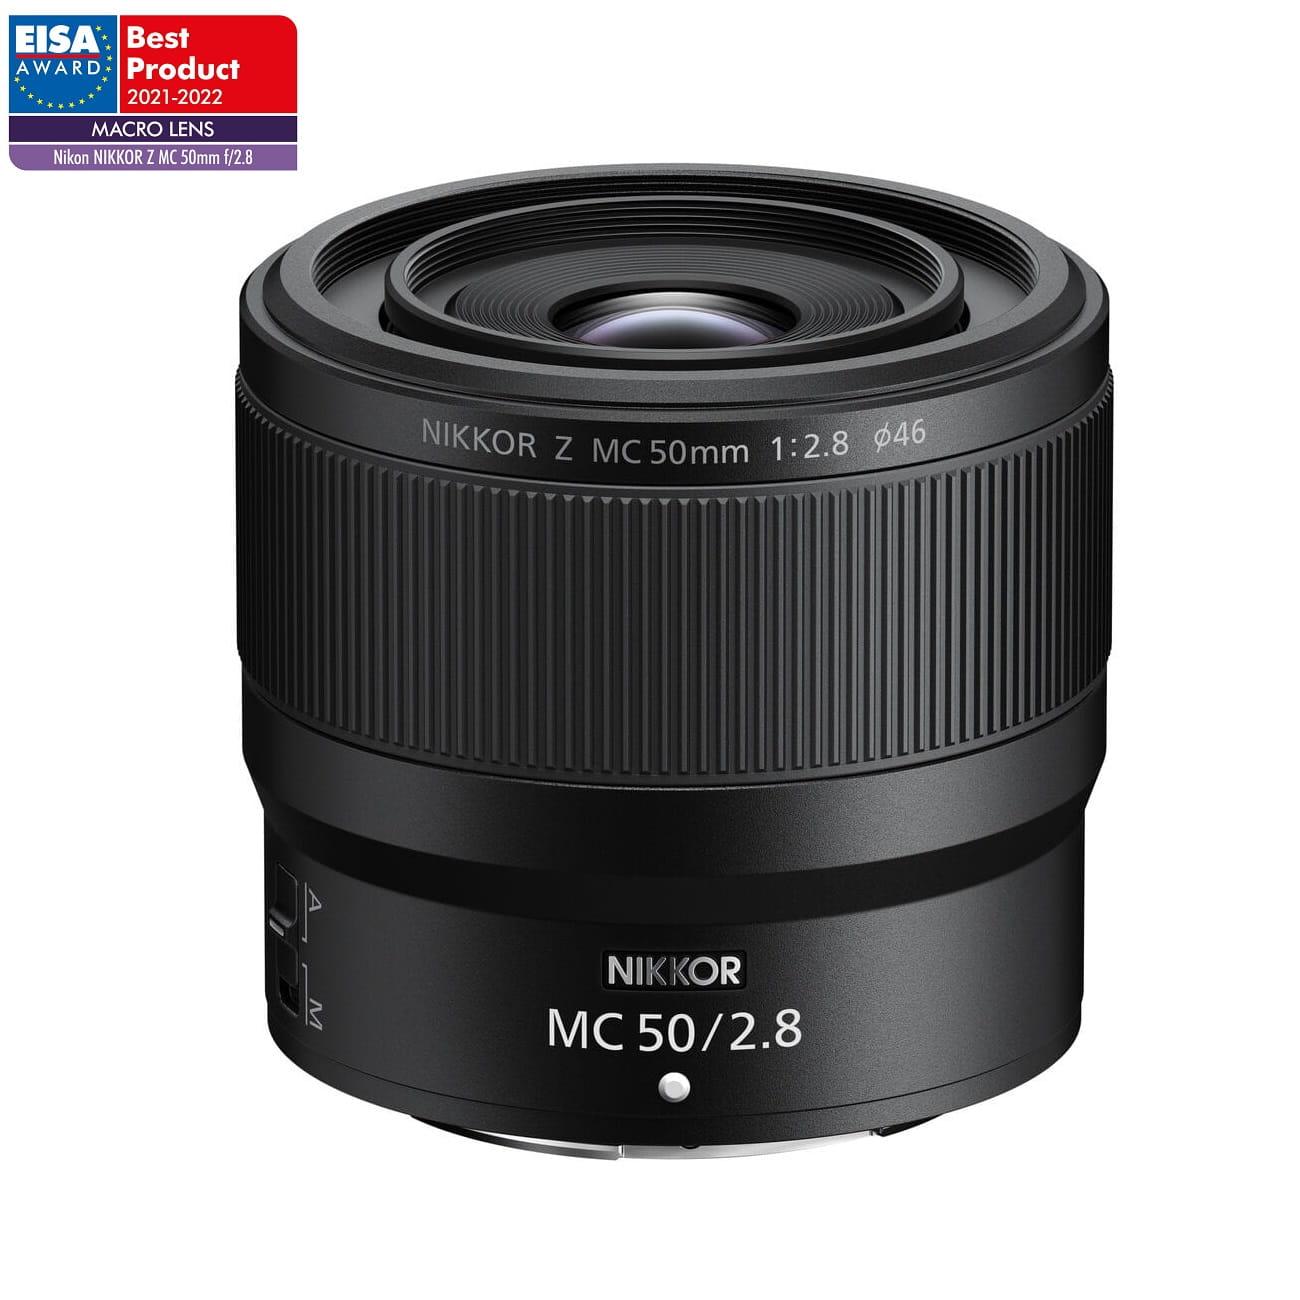 Obiektyw Nikon Nikkor Z MC 50mm f/2.8 | (w magazynie)